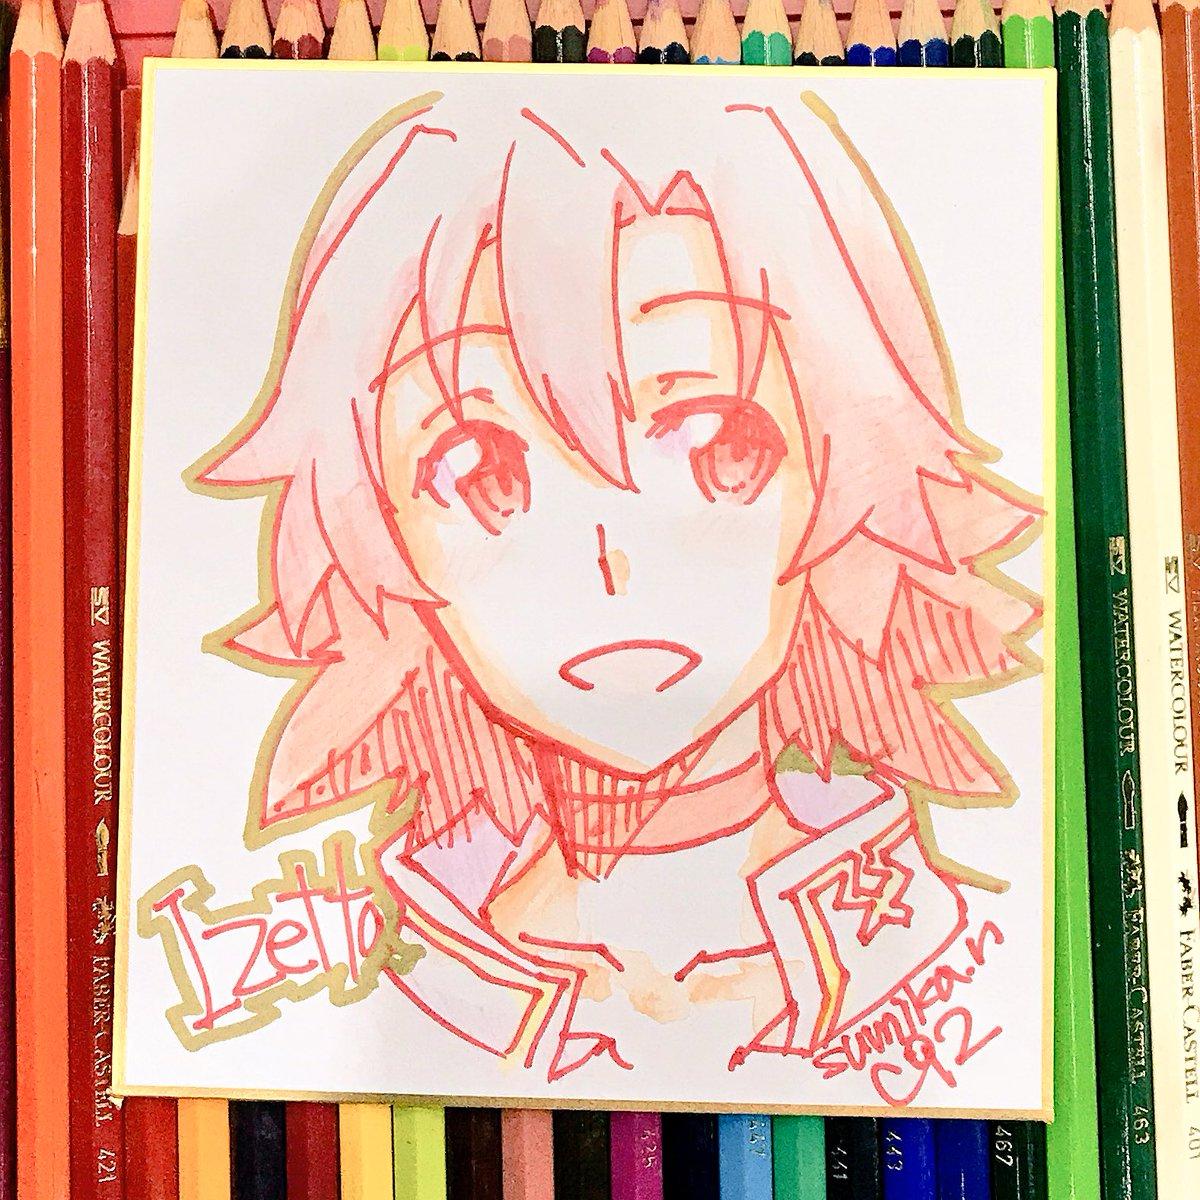 もう1回イゼッタさん色紙描きました。最初のより歳上。